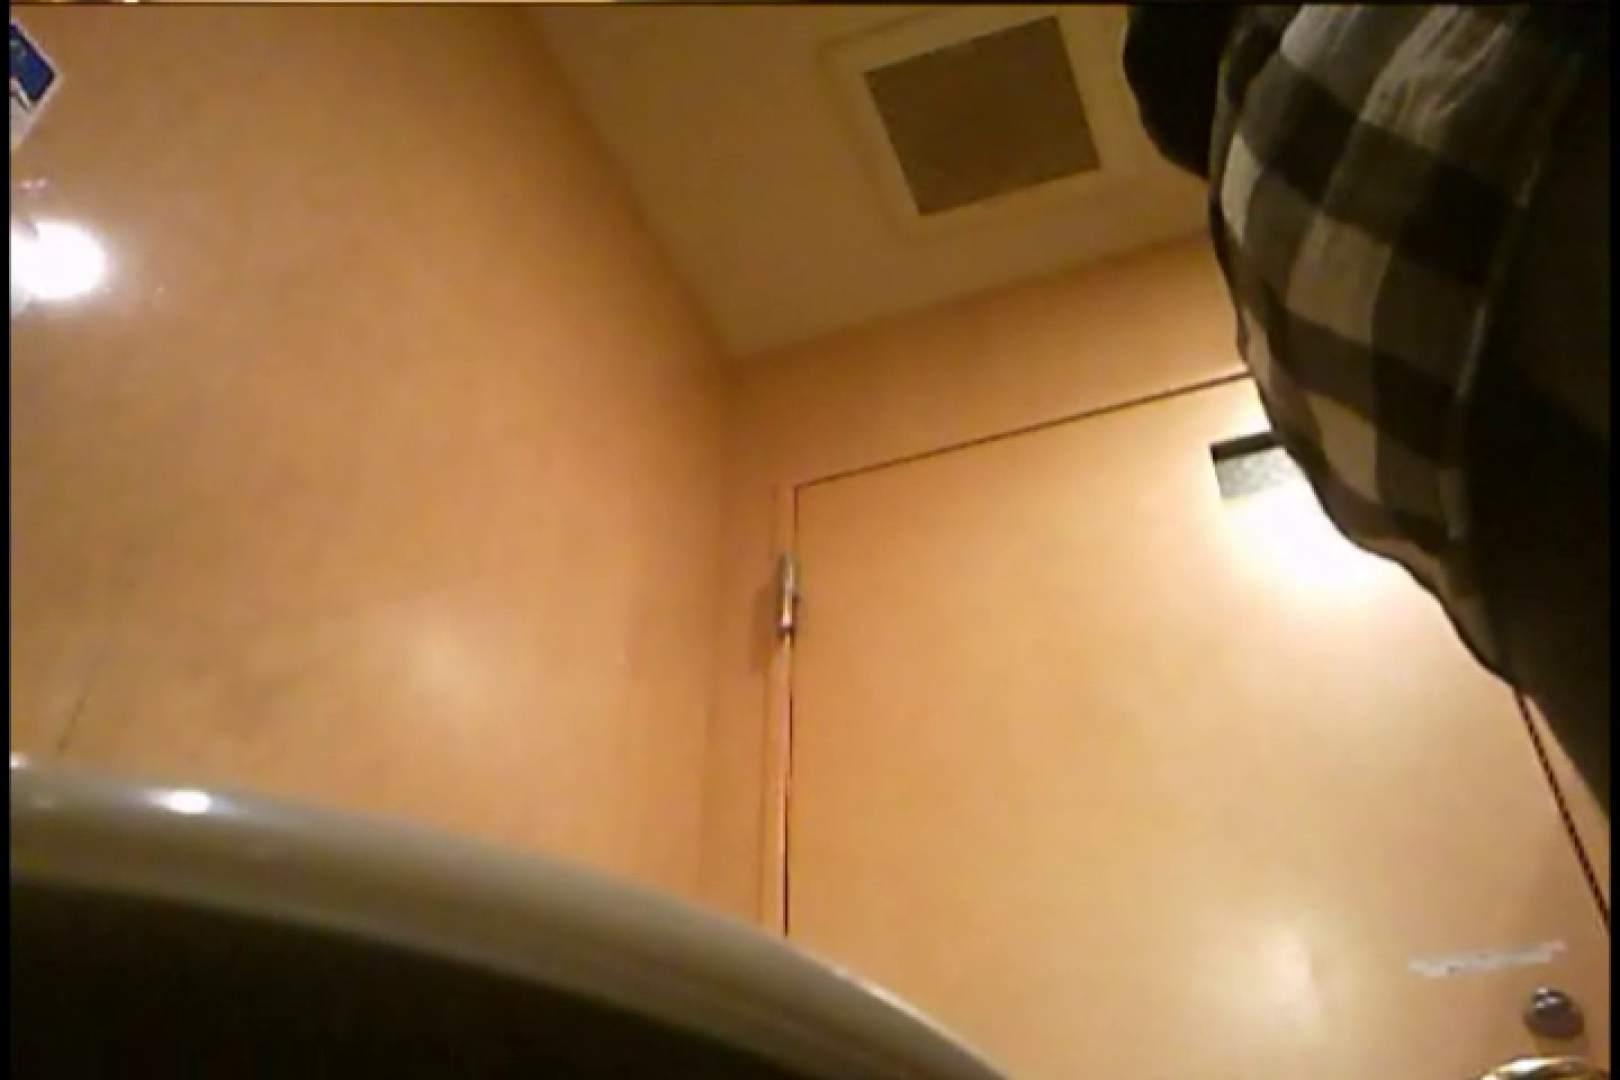 潜入!!女子化粧室盗撮~絶対見られたくない時間~vo,124 美人 おまんこ無修正動画無料 112pic 47